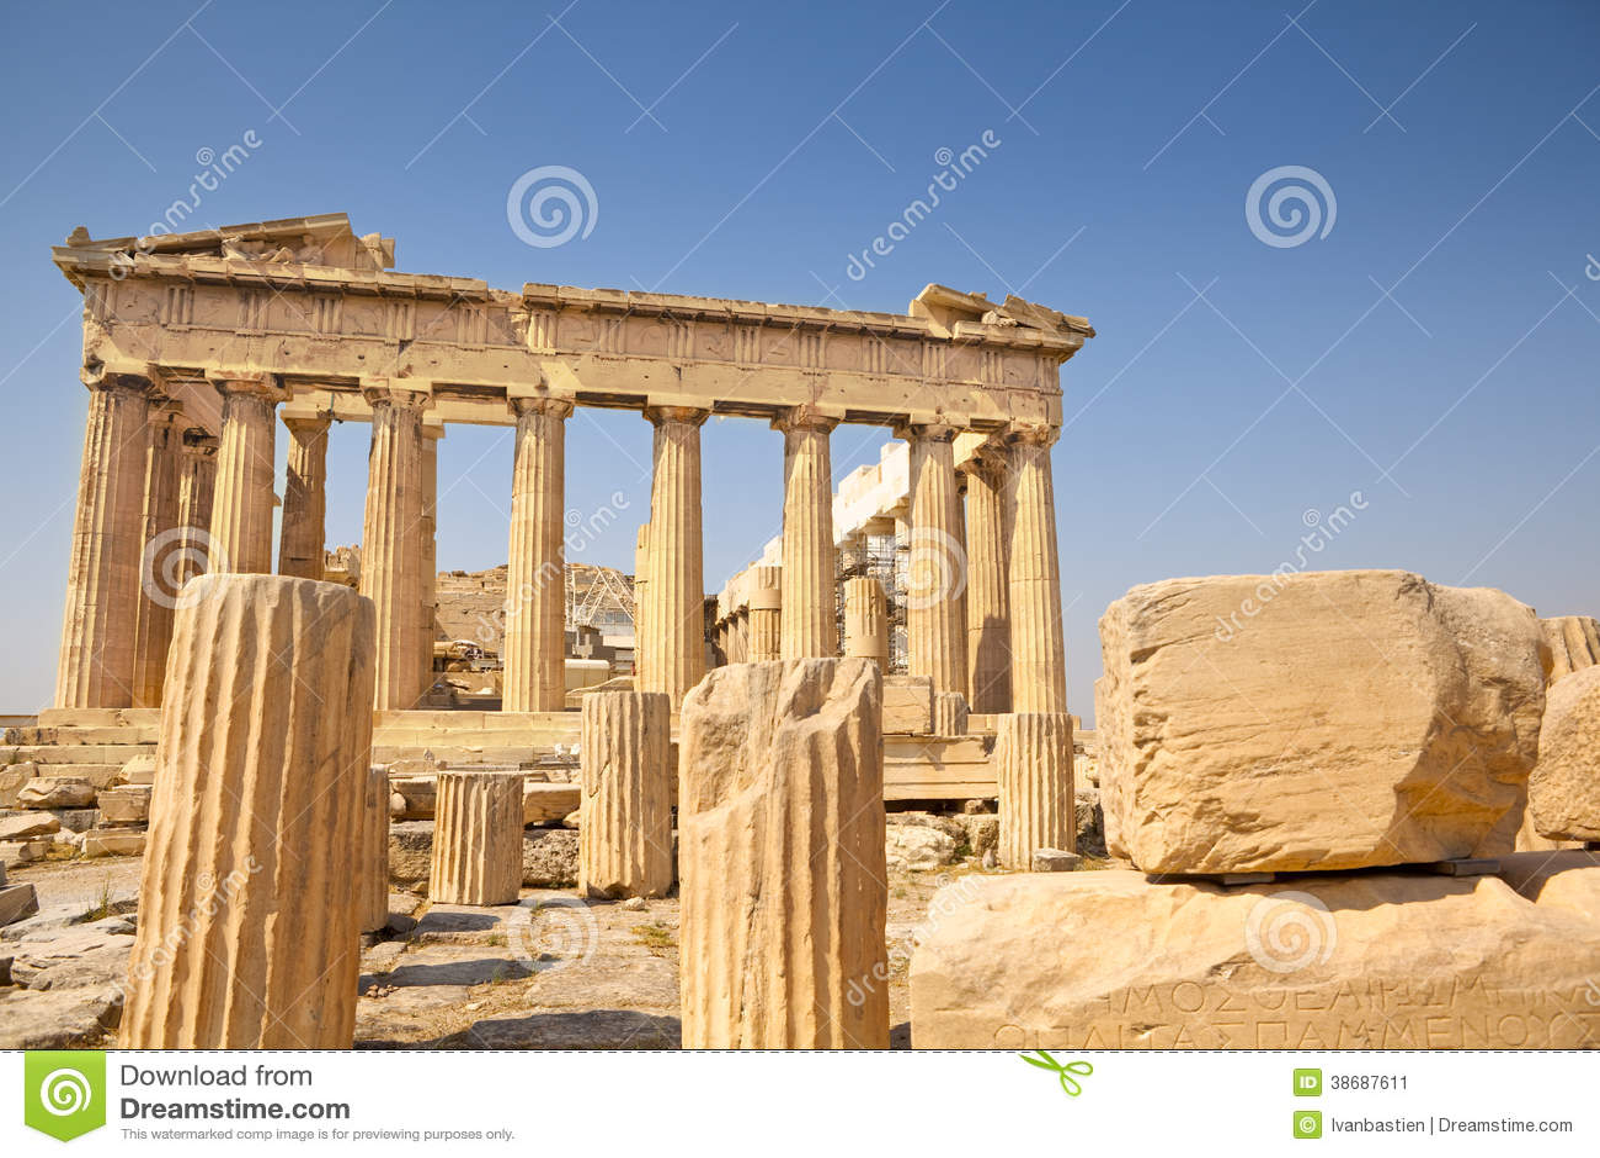 Parthenon in Athen, Griechenland